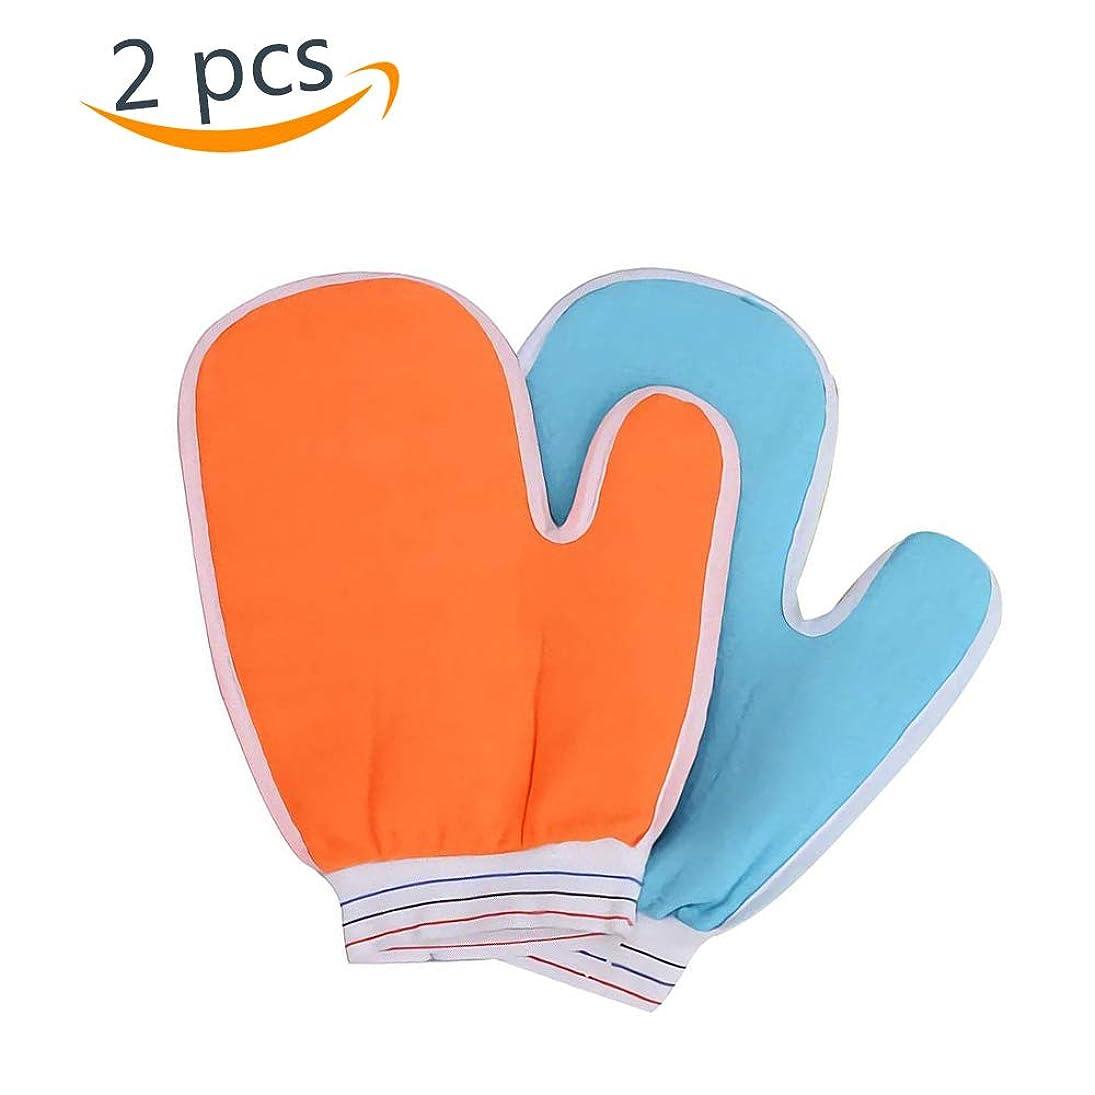 ボディミトン 垢すり手袋 ボディ手袋 弾性カフ ダブルサイド 浴用手袋 毛穴清潔 泡たて ボディケア お風呂用品 2枚セット (ランダムカラー)